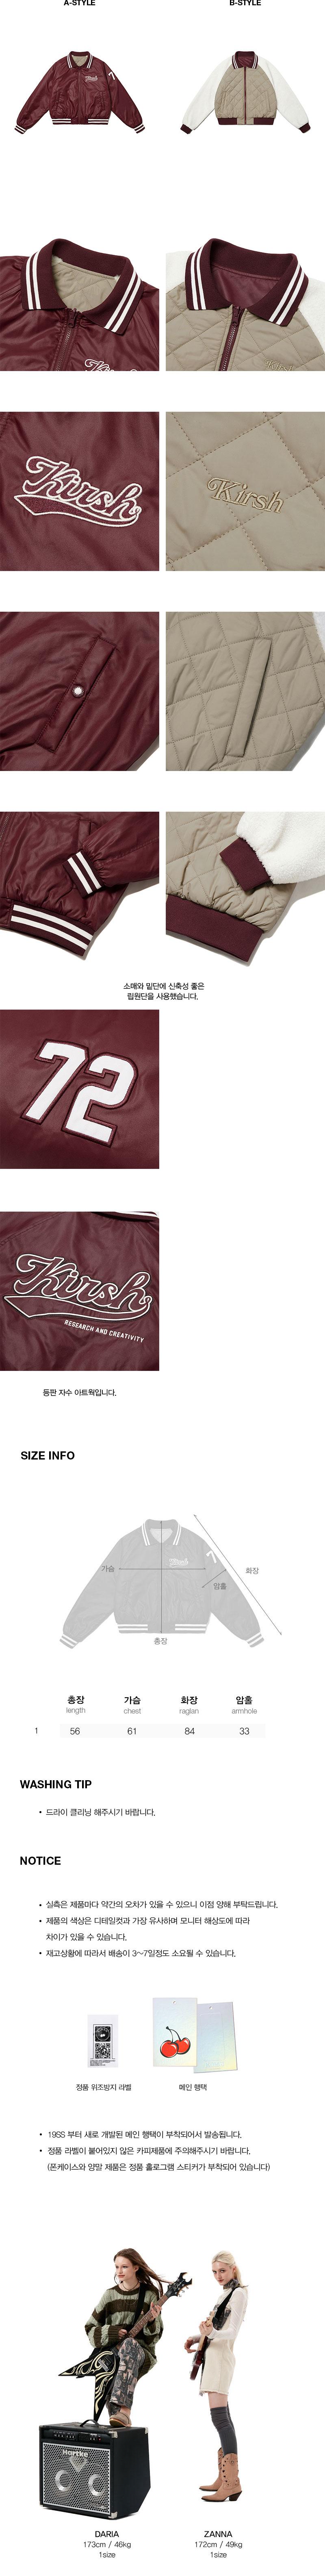 키르시(KIRSH) 베이스볼 로고 리버서블 스타디움 점퍼 KA [버건디]